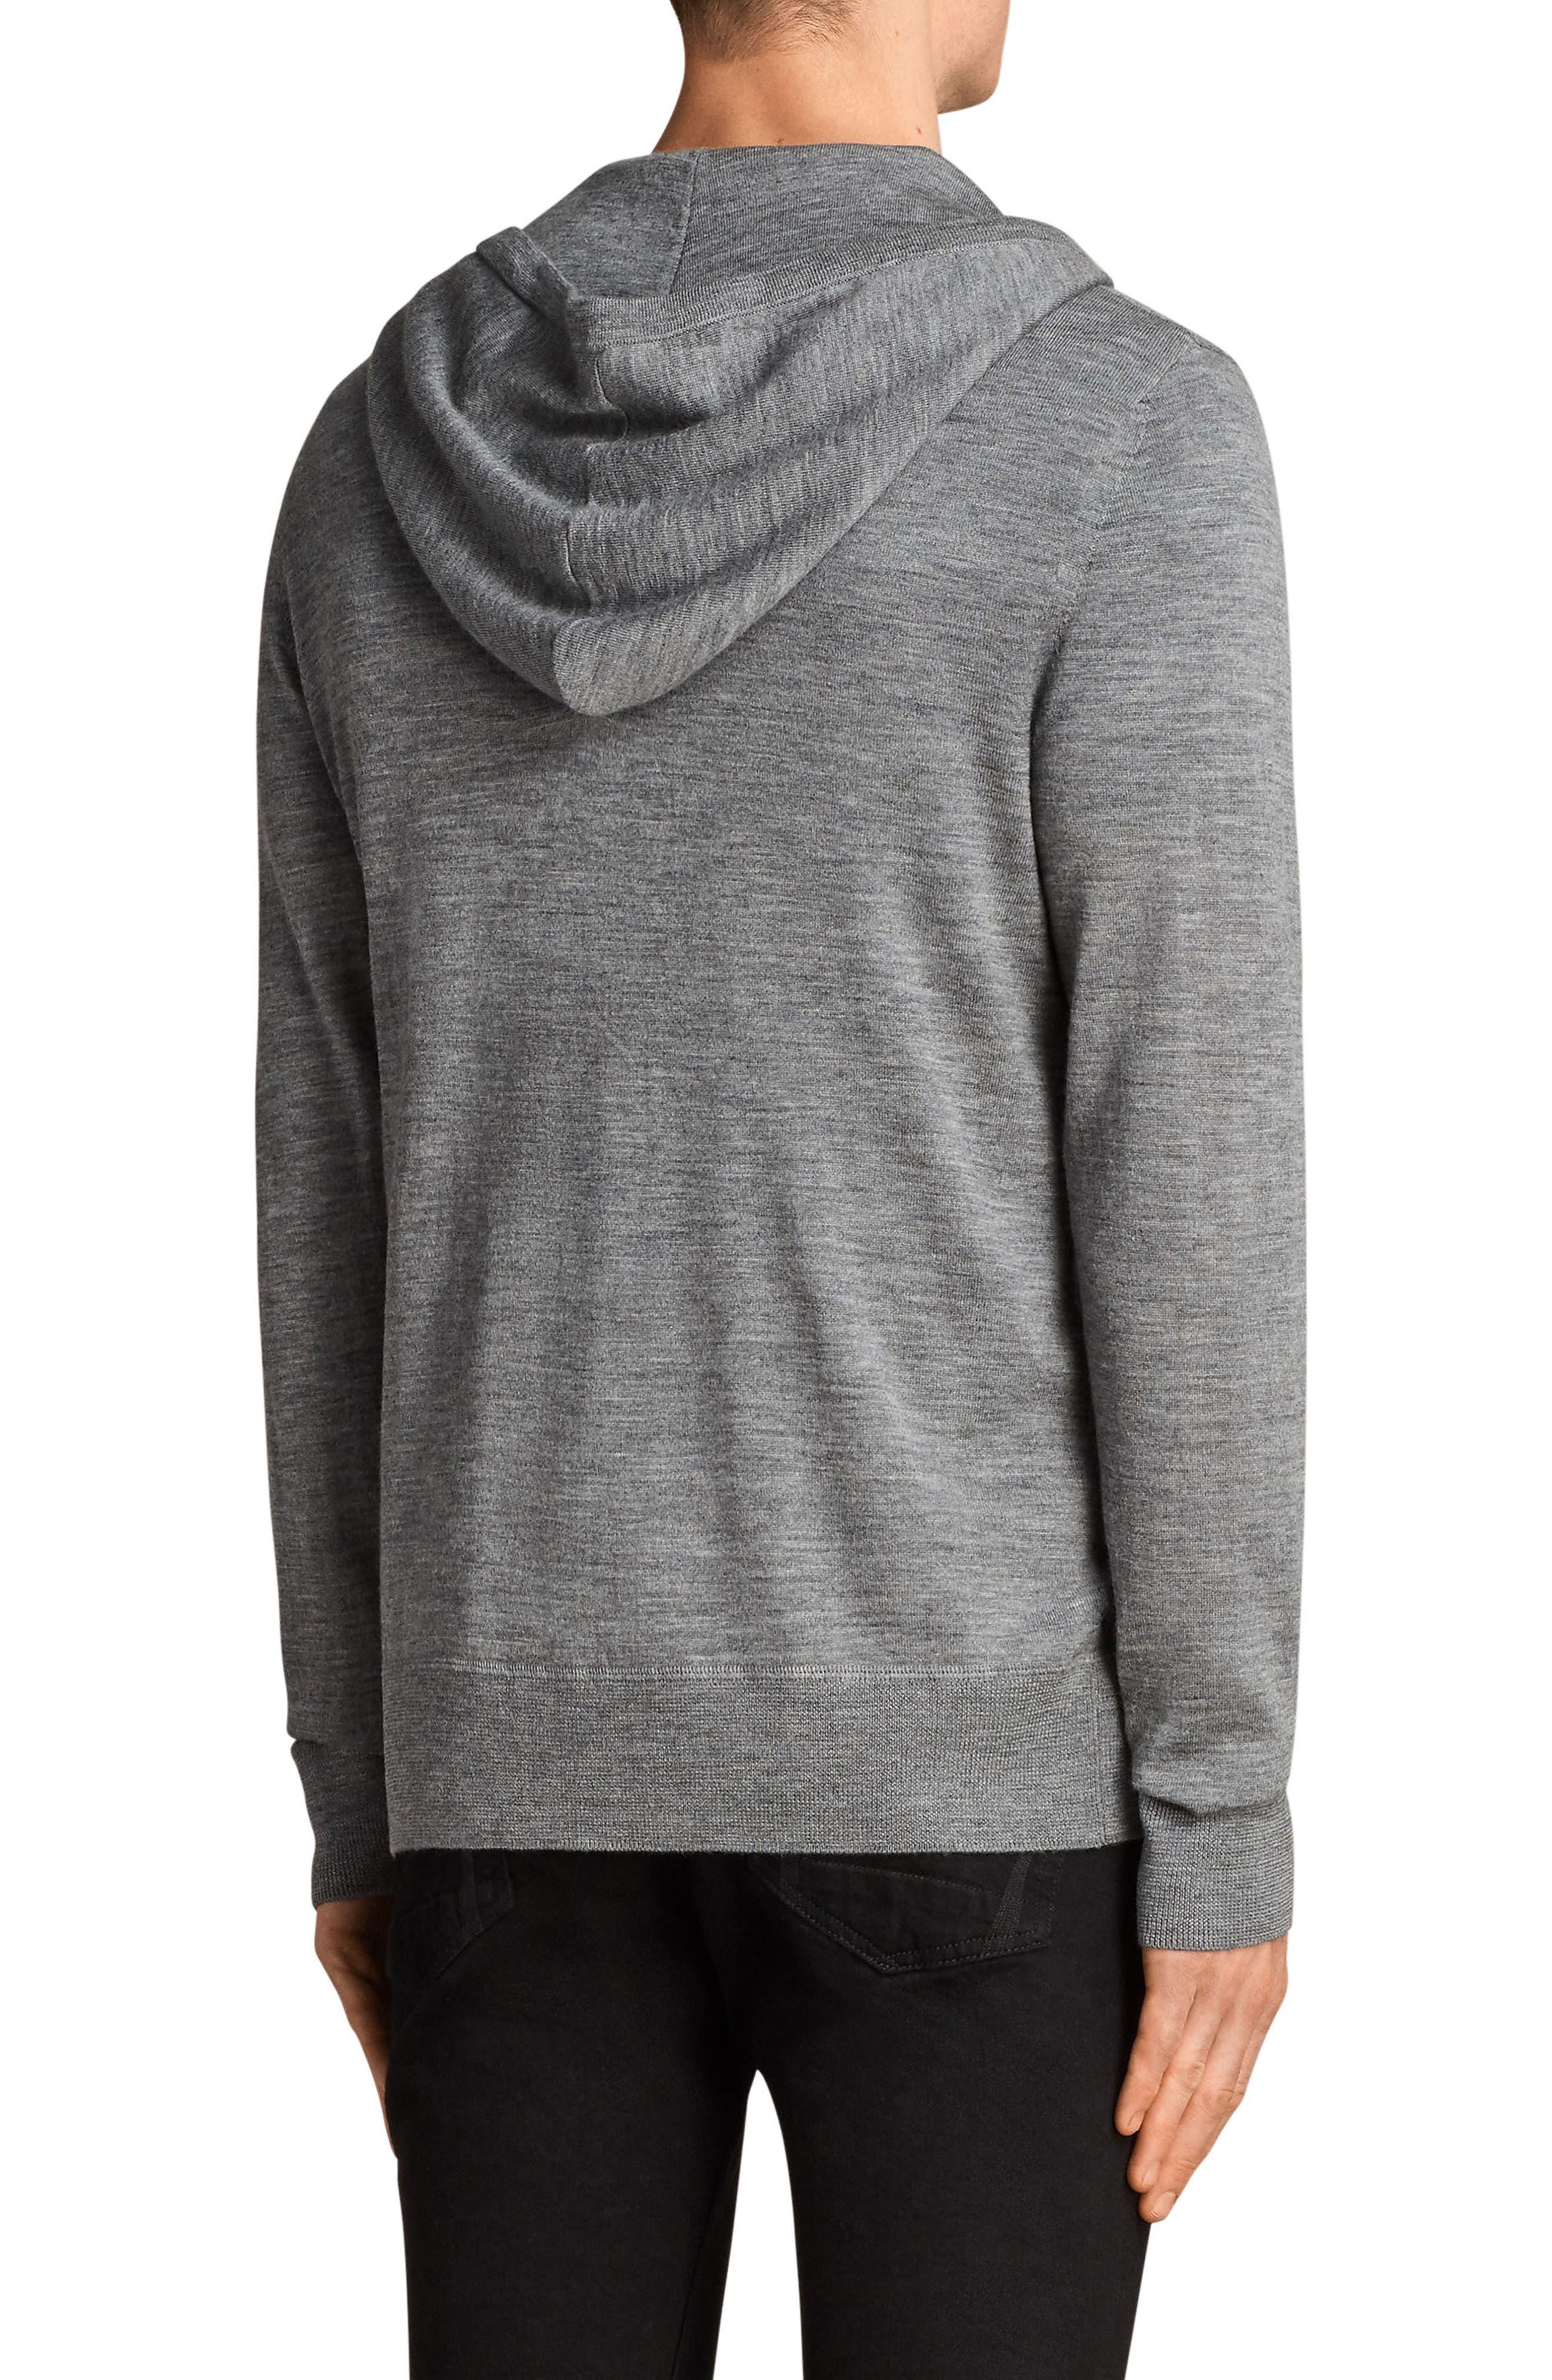 Mode Slim Fit Merino Wool Zip Hoodie,                             Alternate thumbnail 2, color,                             Grey Marl